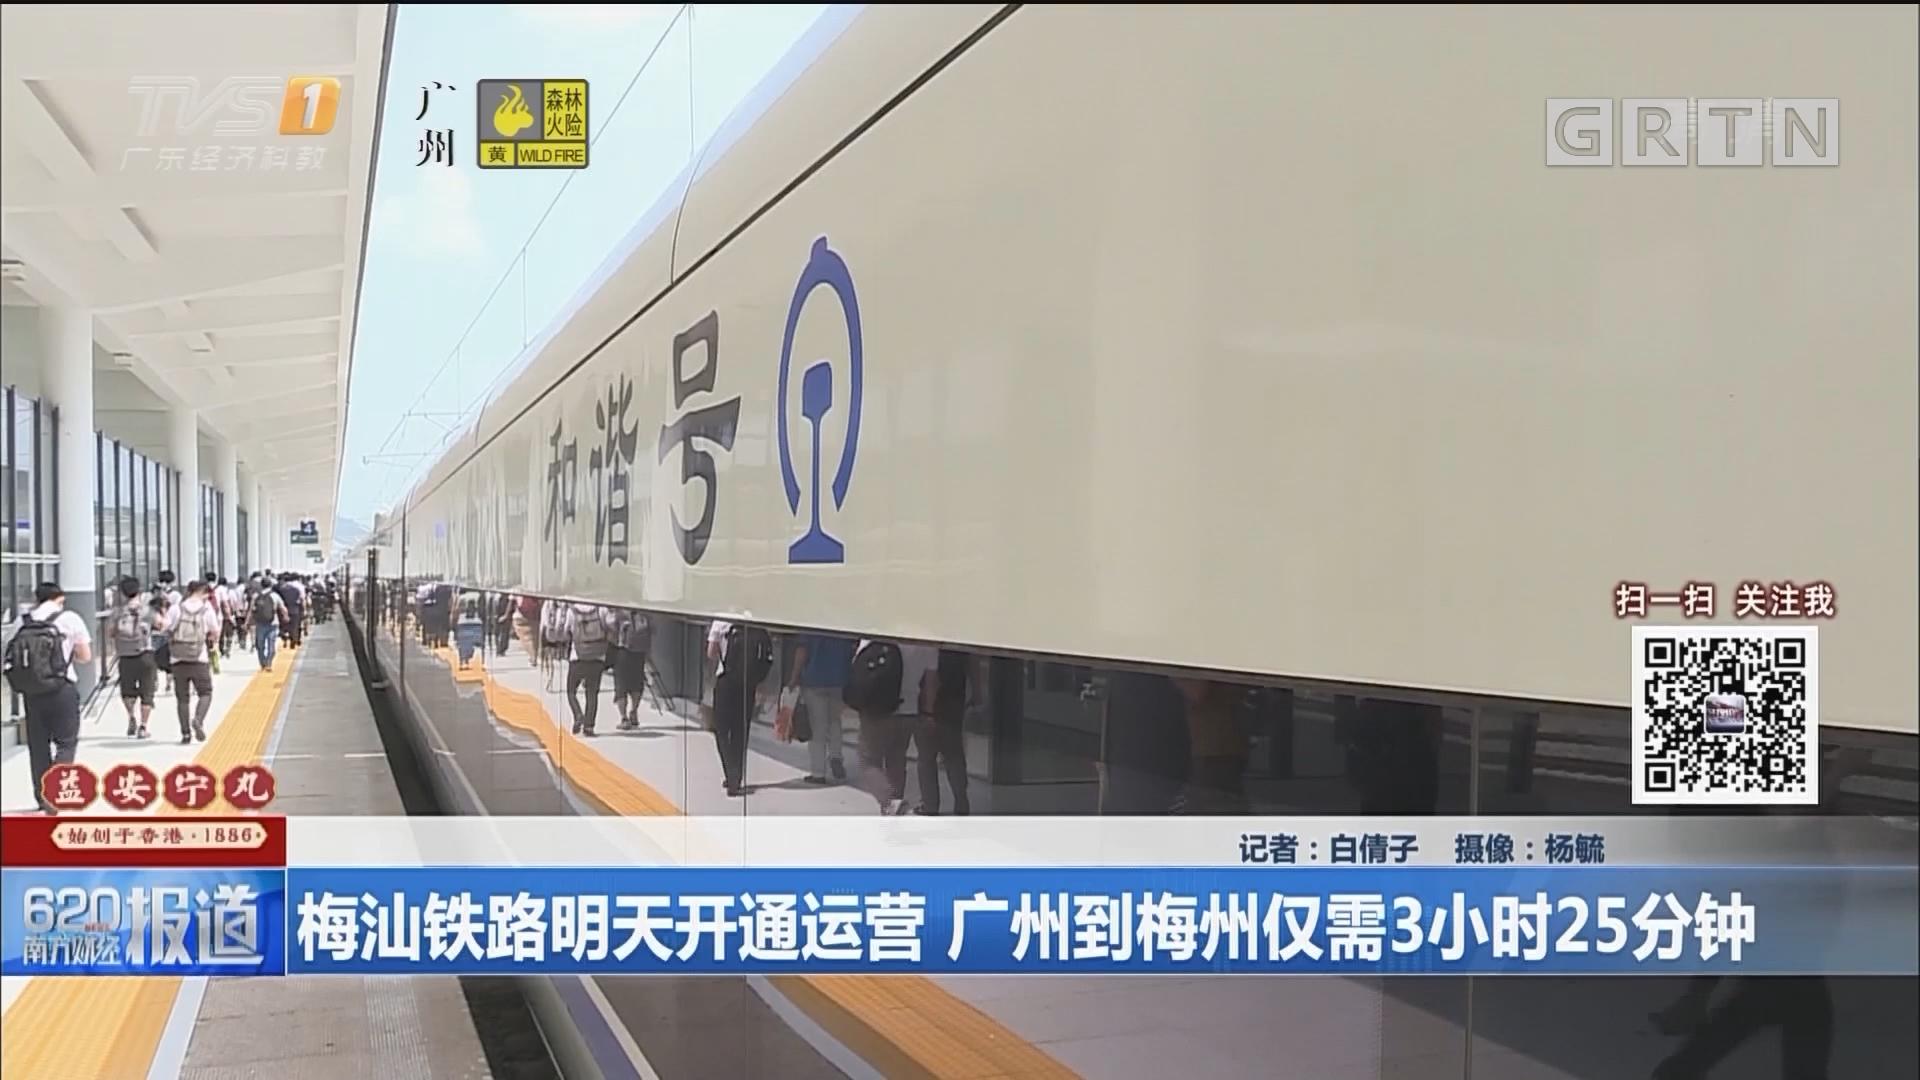 梅汕铁路明天开通运营 广州到梅州仅需3小时25分钟